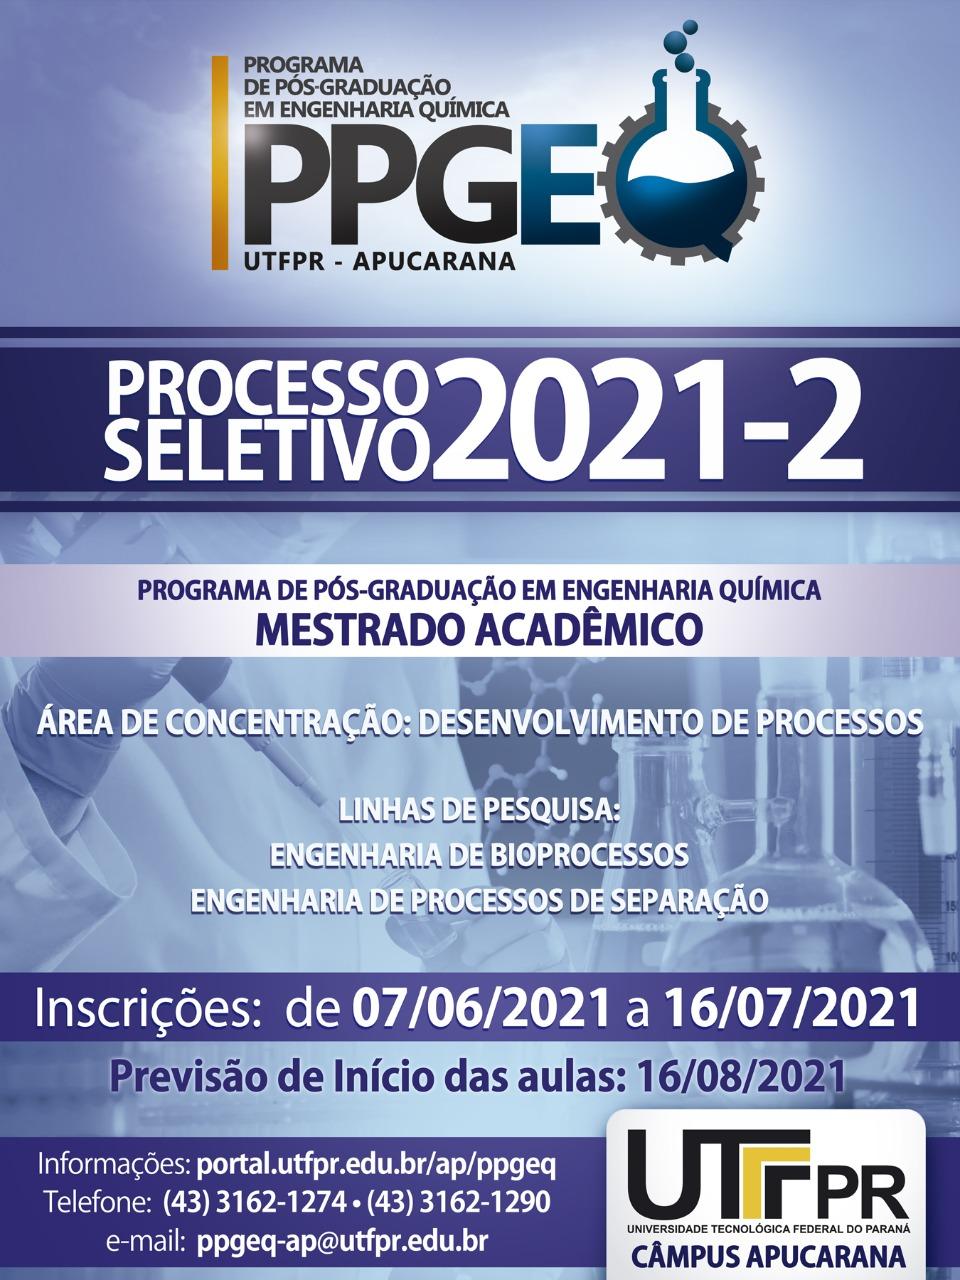 Processo seletivo 2021-2